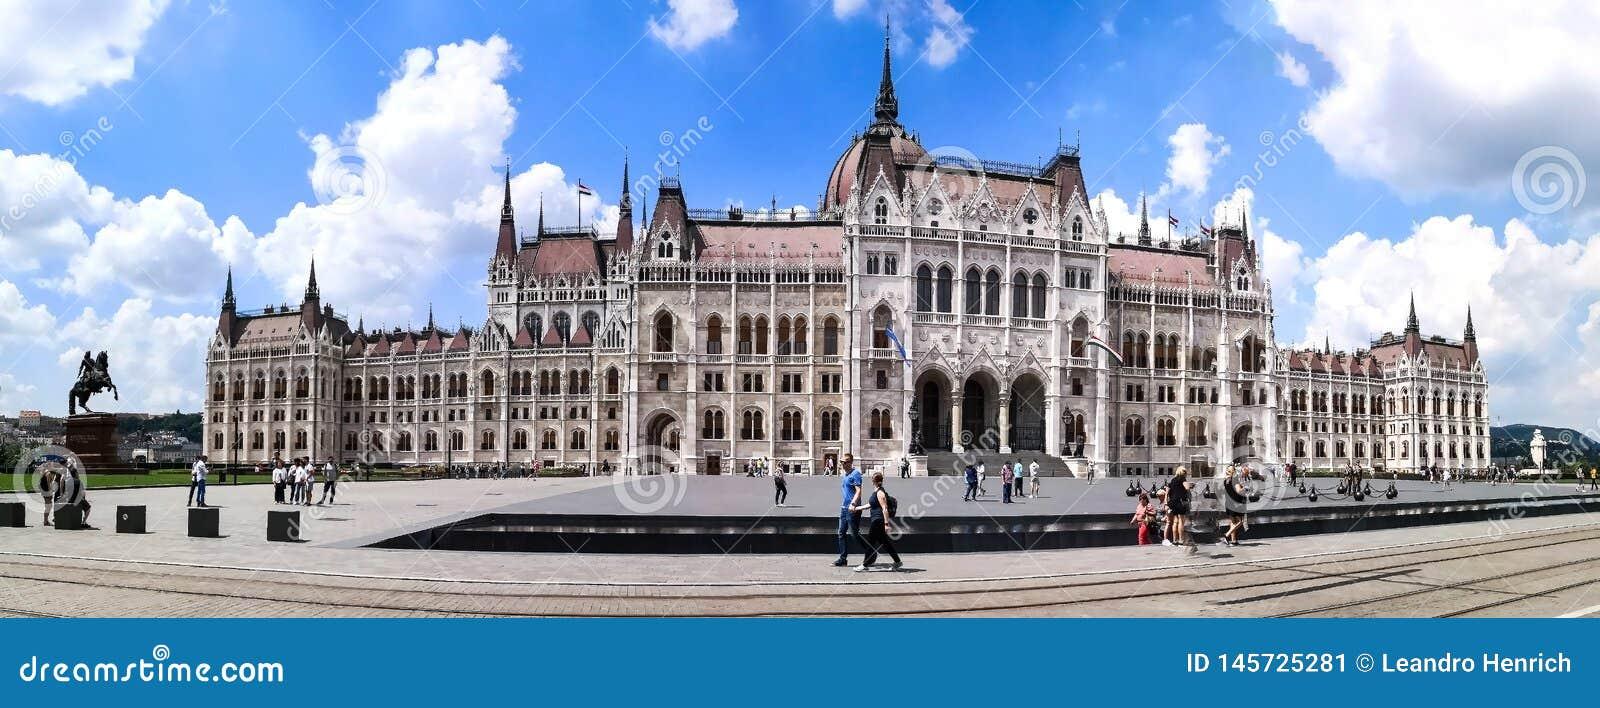 Budapest, Budapest/Ungheria; 05/27/2018: una vista frontale panoramica della costruzione del Parlamento di Budapest sull estate d